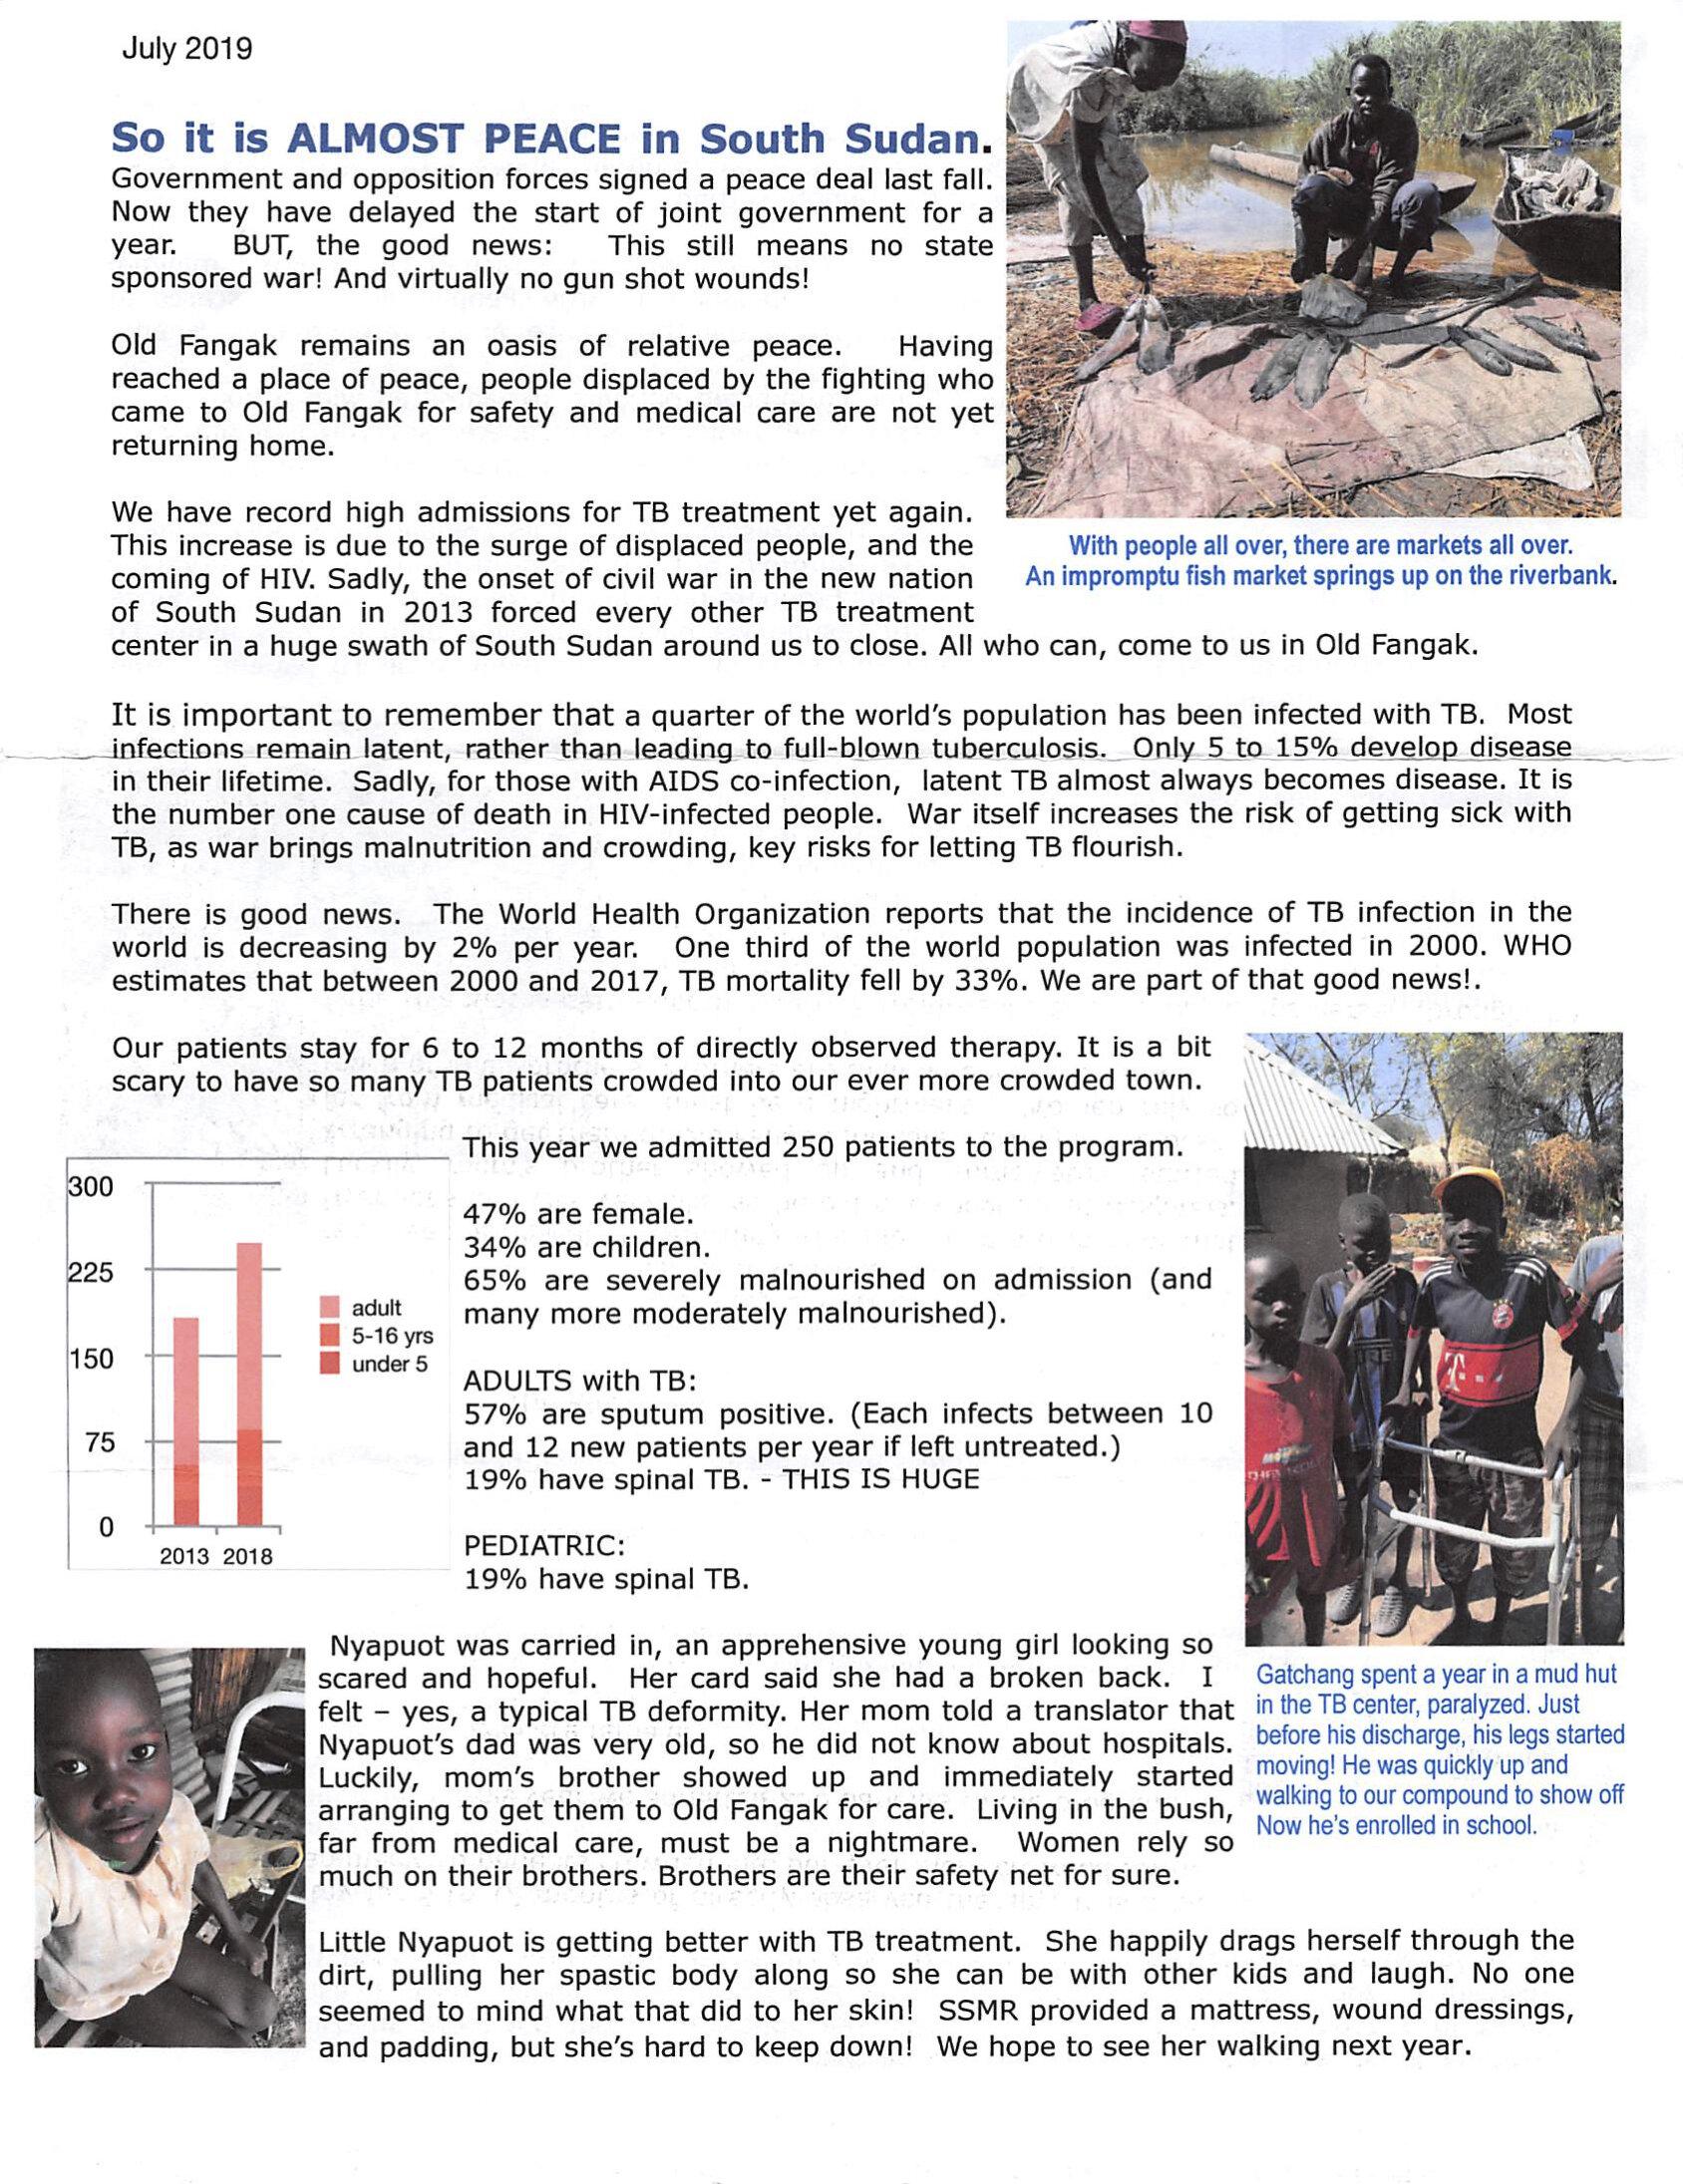 July 2019 SSMR newsletter pg 1.jpg